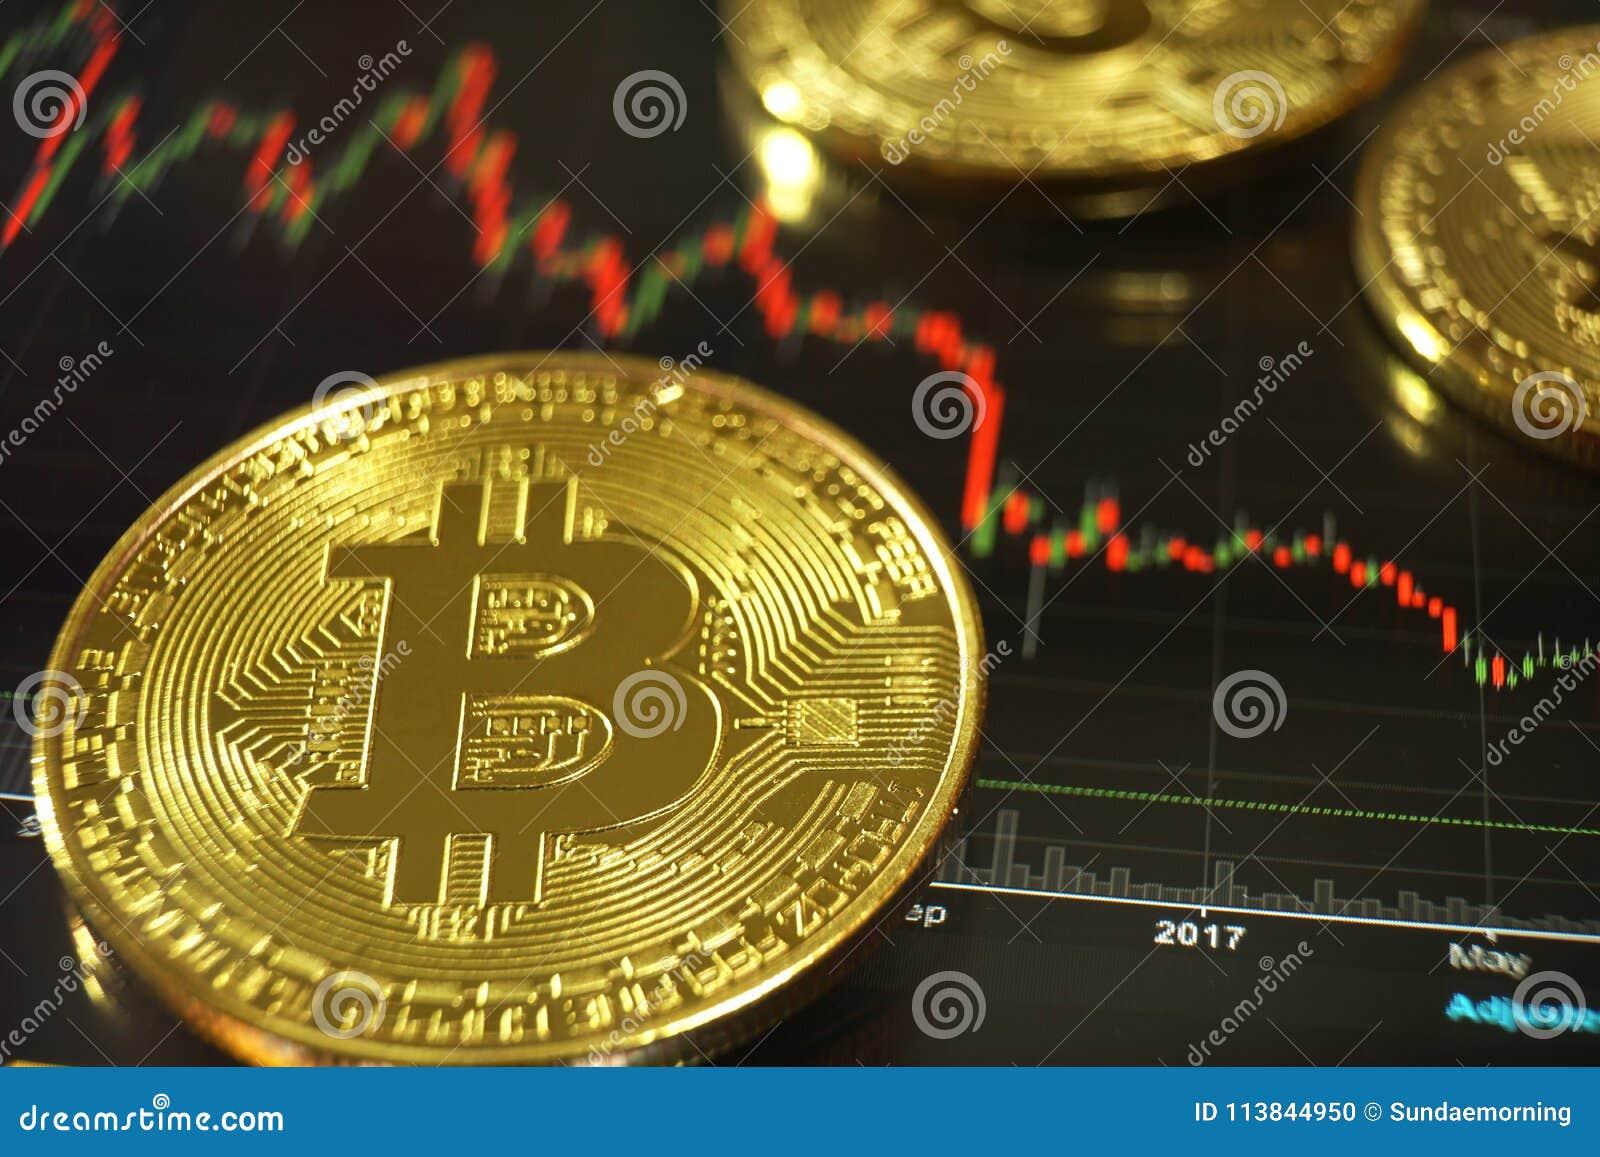 Bitcoin Up Recensione 2021: è legale o una truffa?